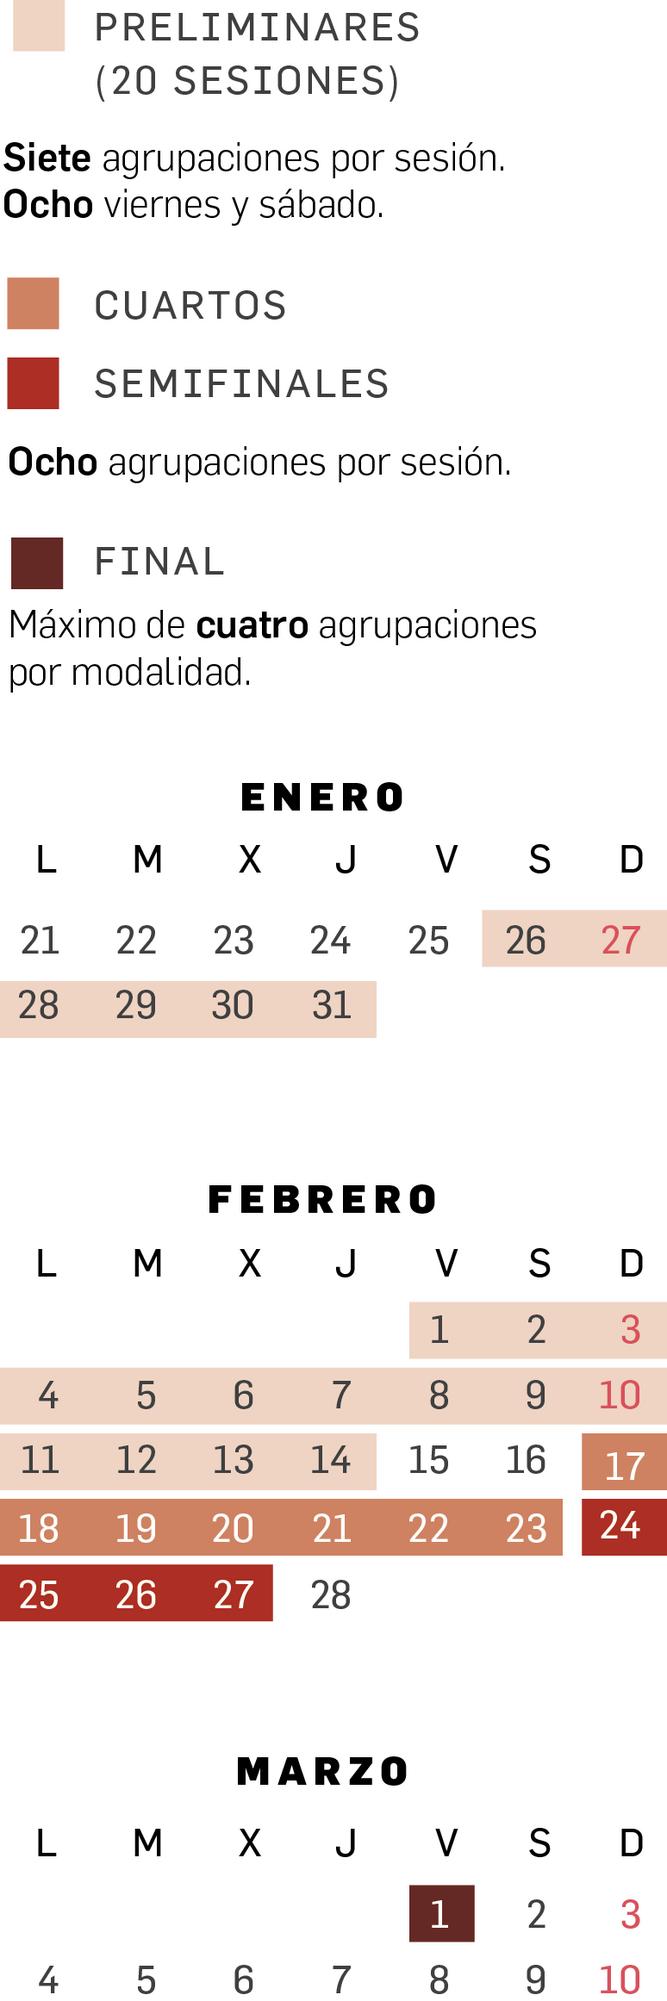 Calendario Coac 2019.El Coac 2019 Cambia De Fecha Empezara El 26 De Enero